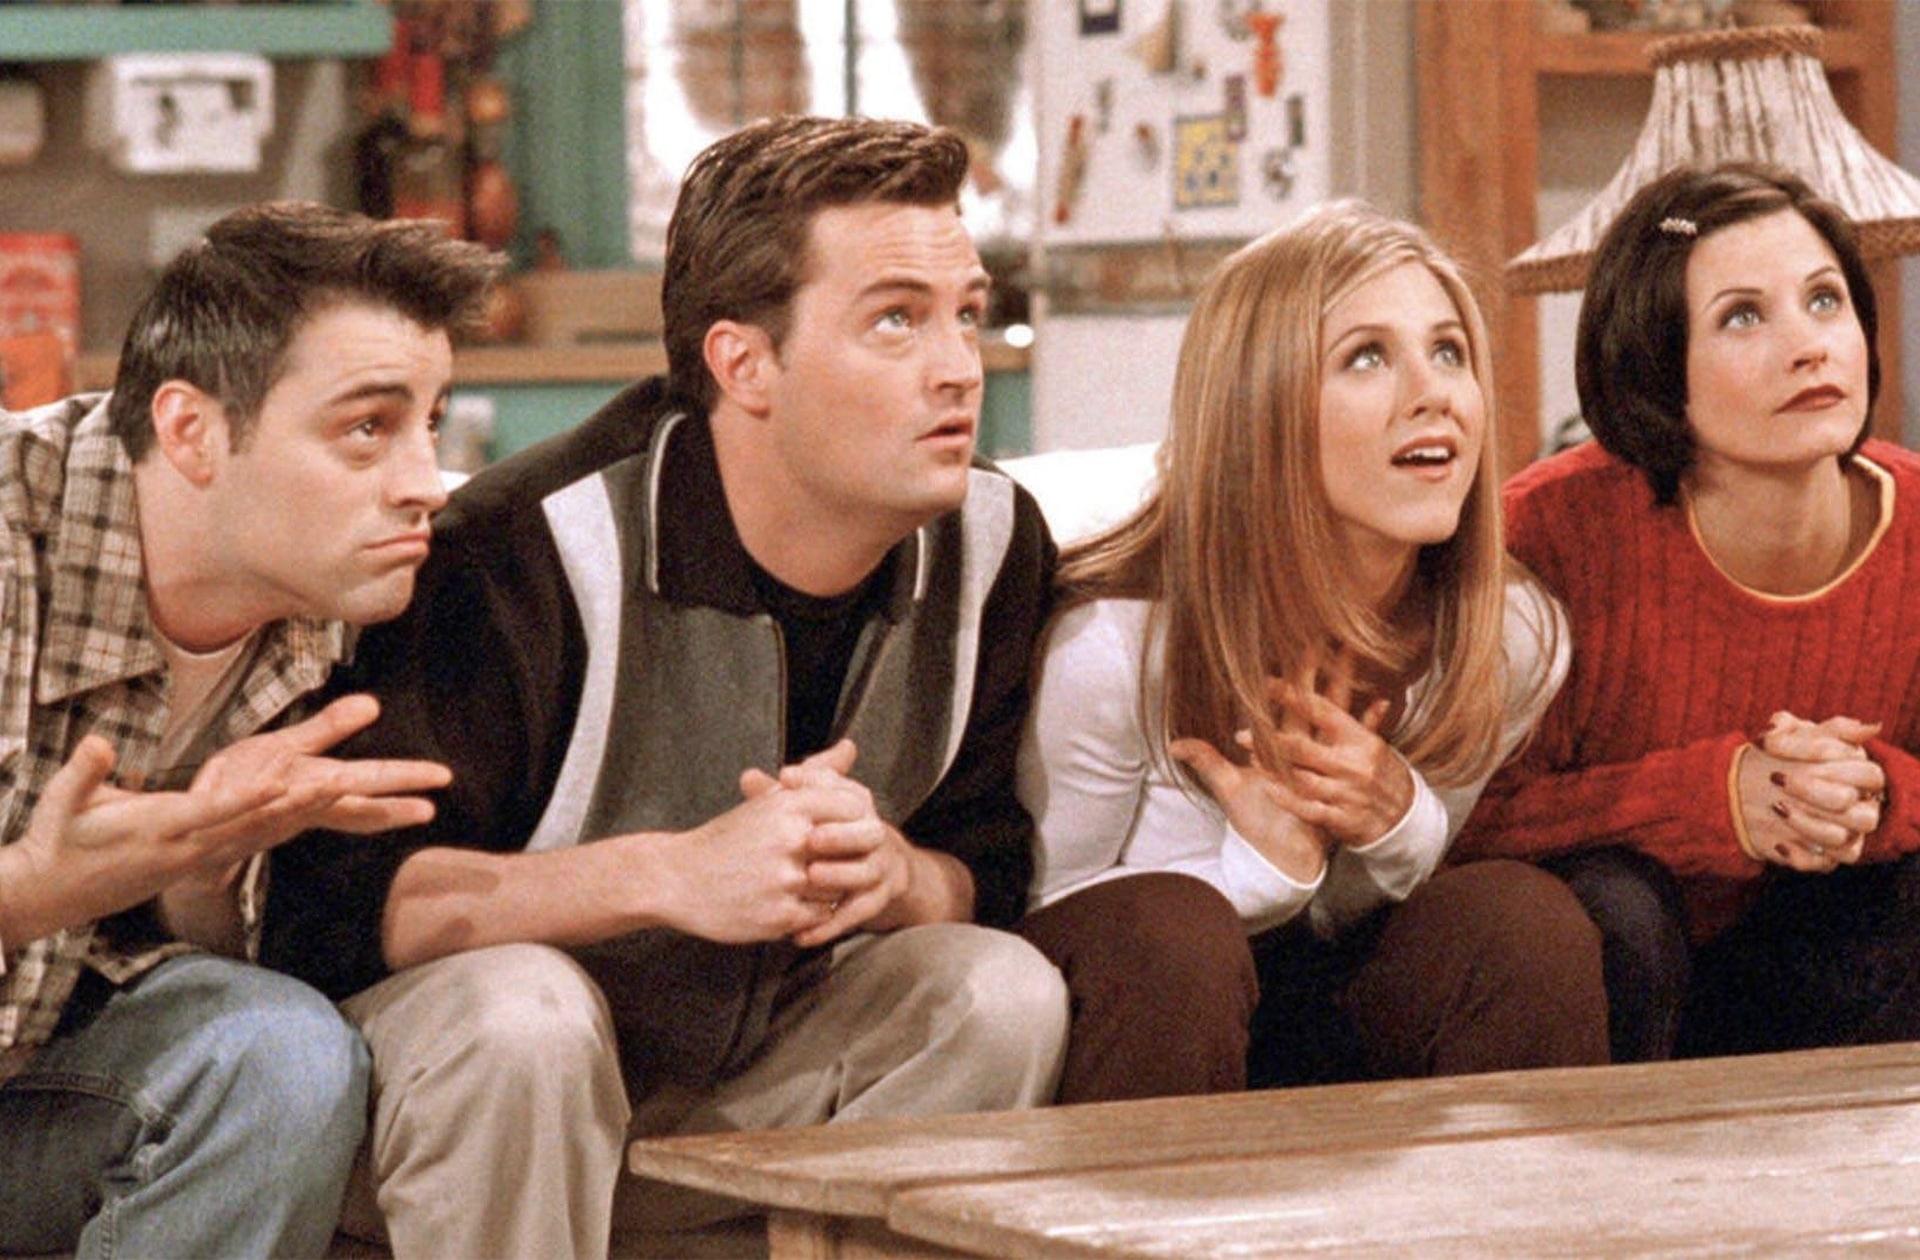 Connaissez-vous bien les répliques de «Friends»?